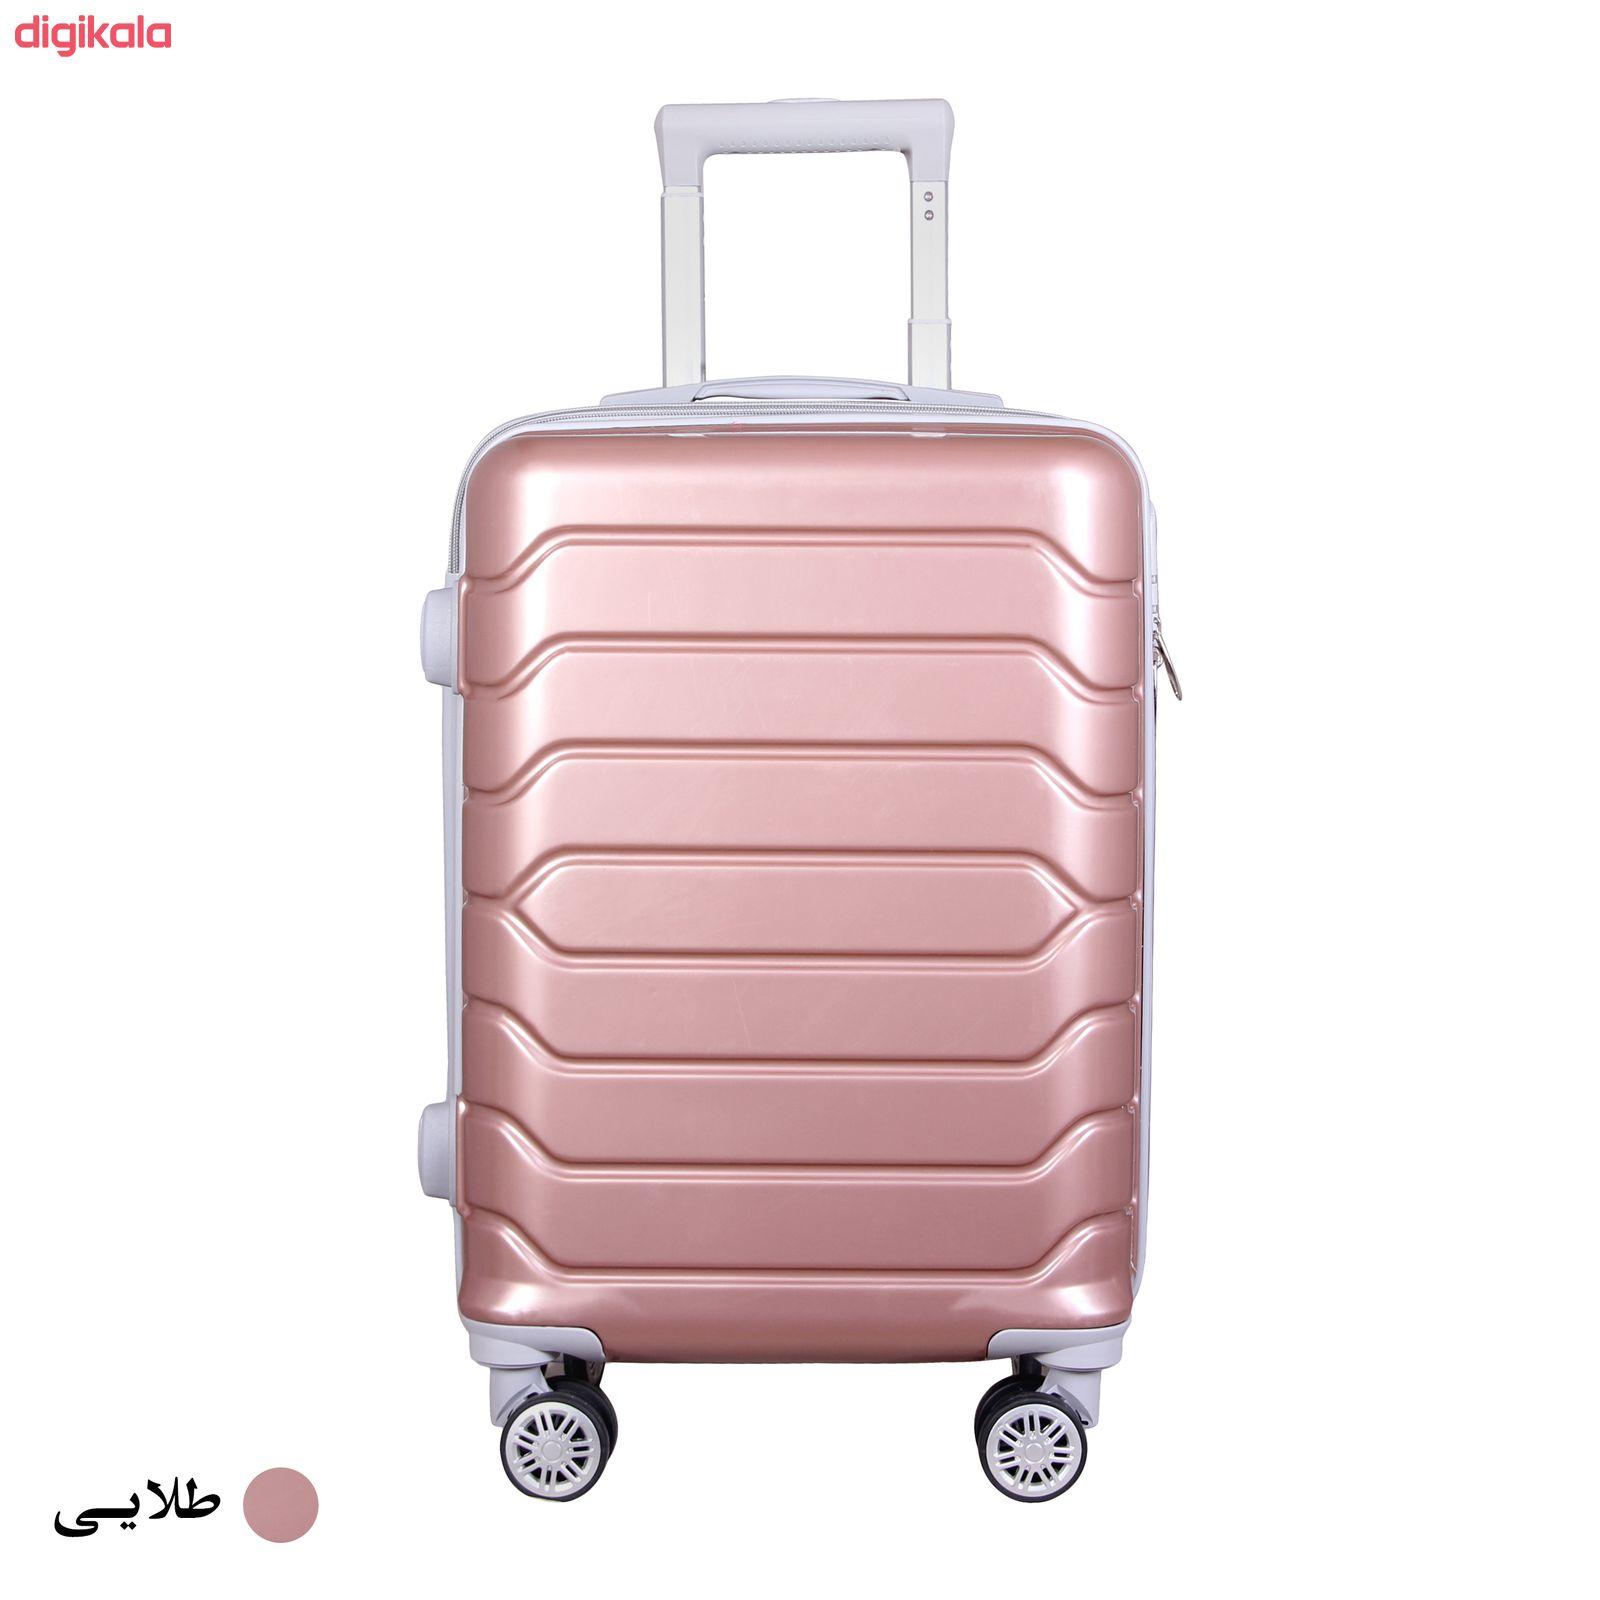 مجموعه سه عددی چمدان مدل 10021 main 1 17